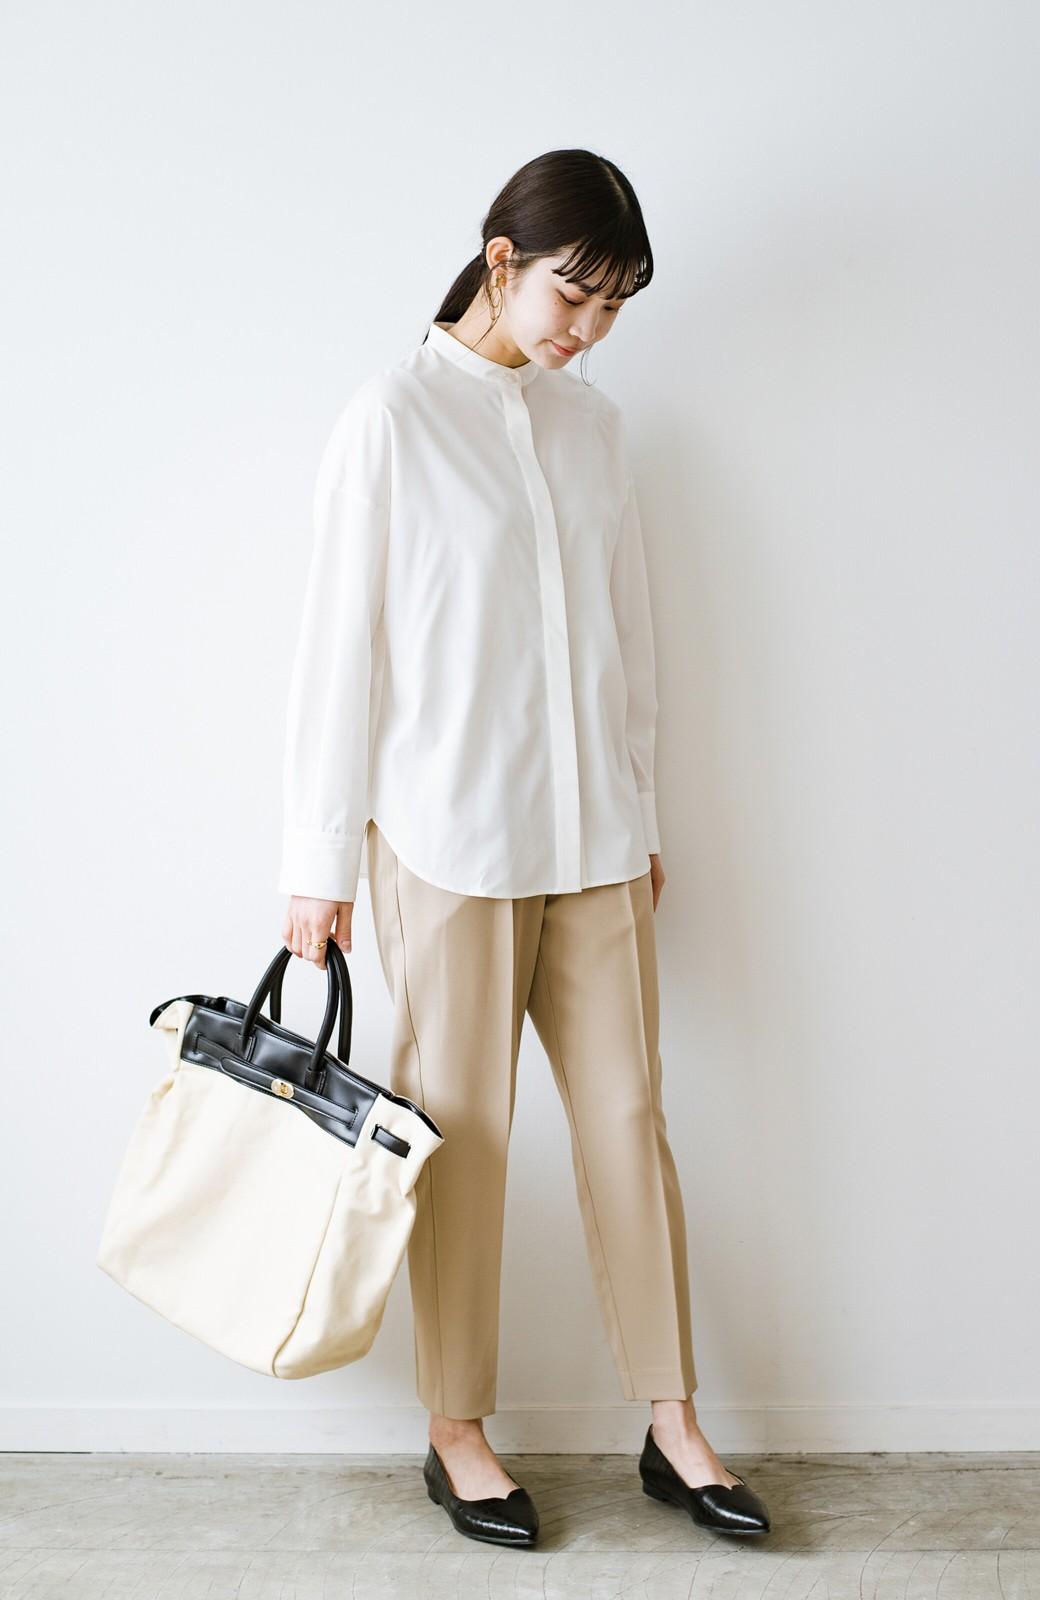 haco! 【防水】普段もお仕事も雨の日も!さっと履いて女っぽい Vカットが足をきれいに見せてくれるフラットパンプス <ブラック>の商品写真12